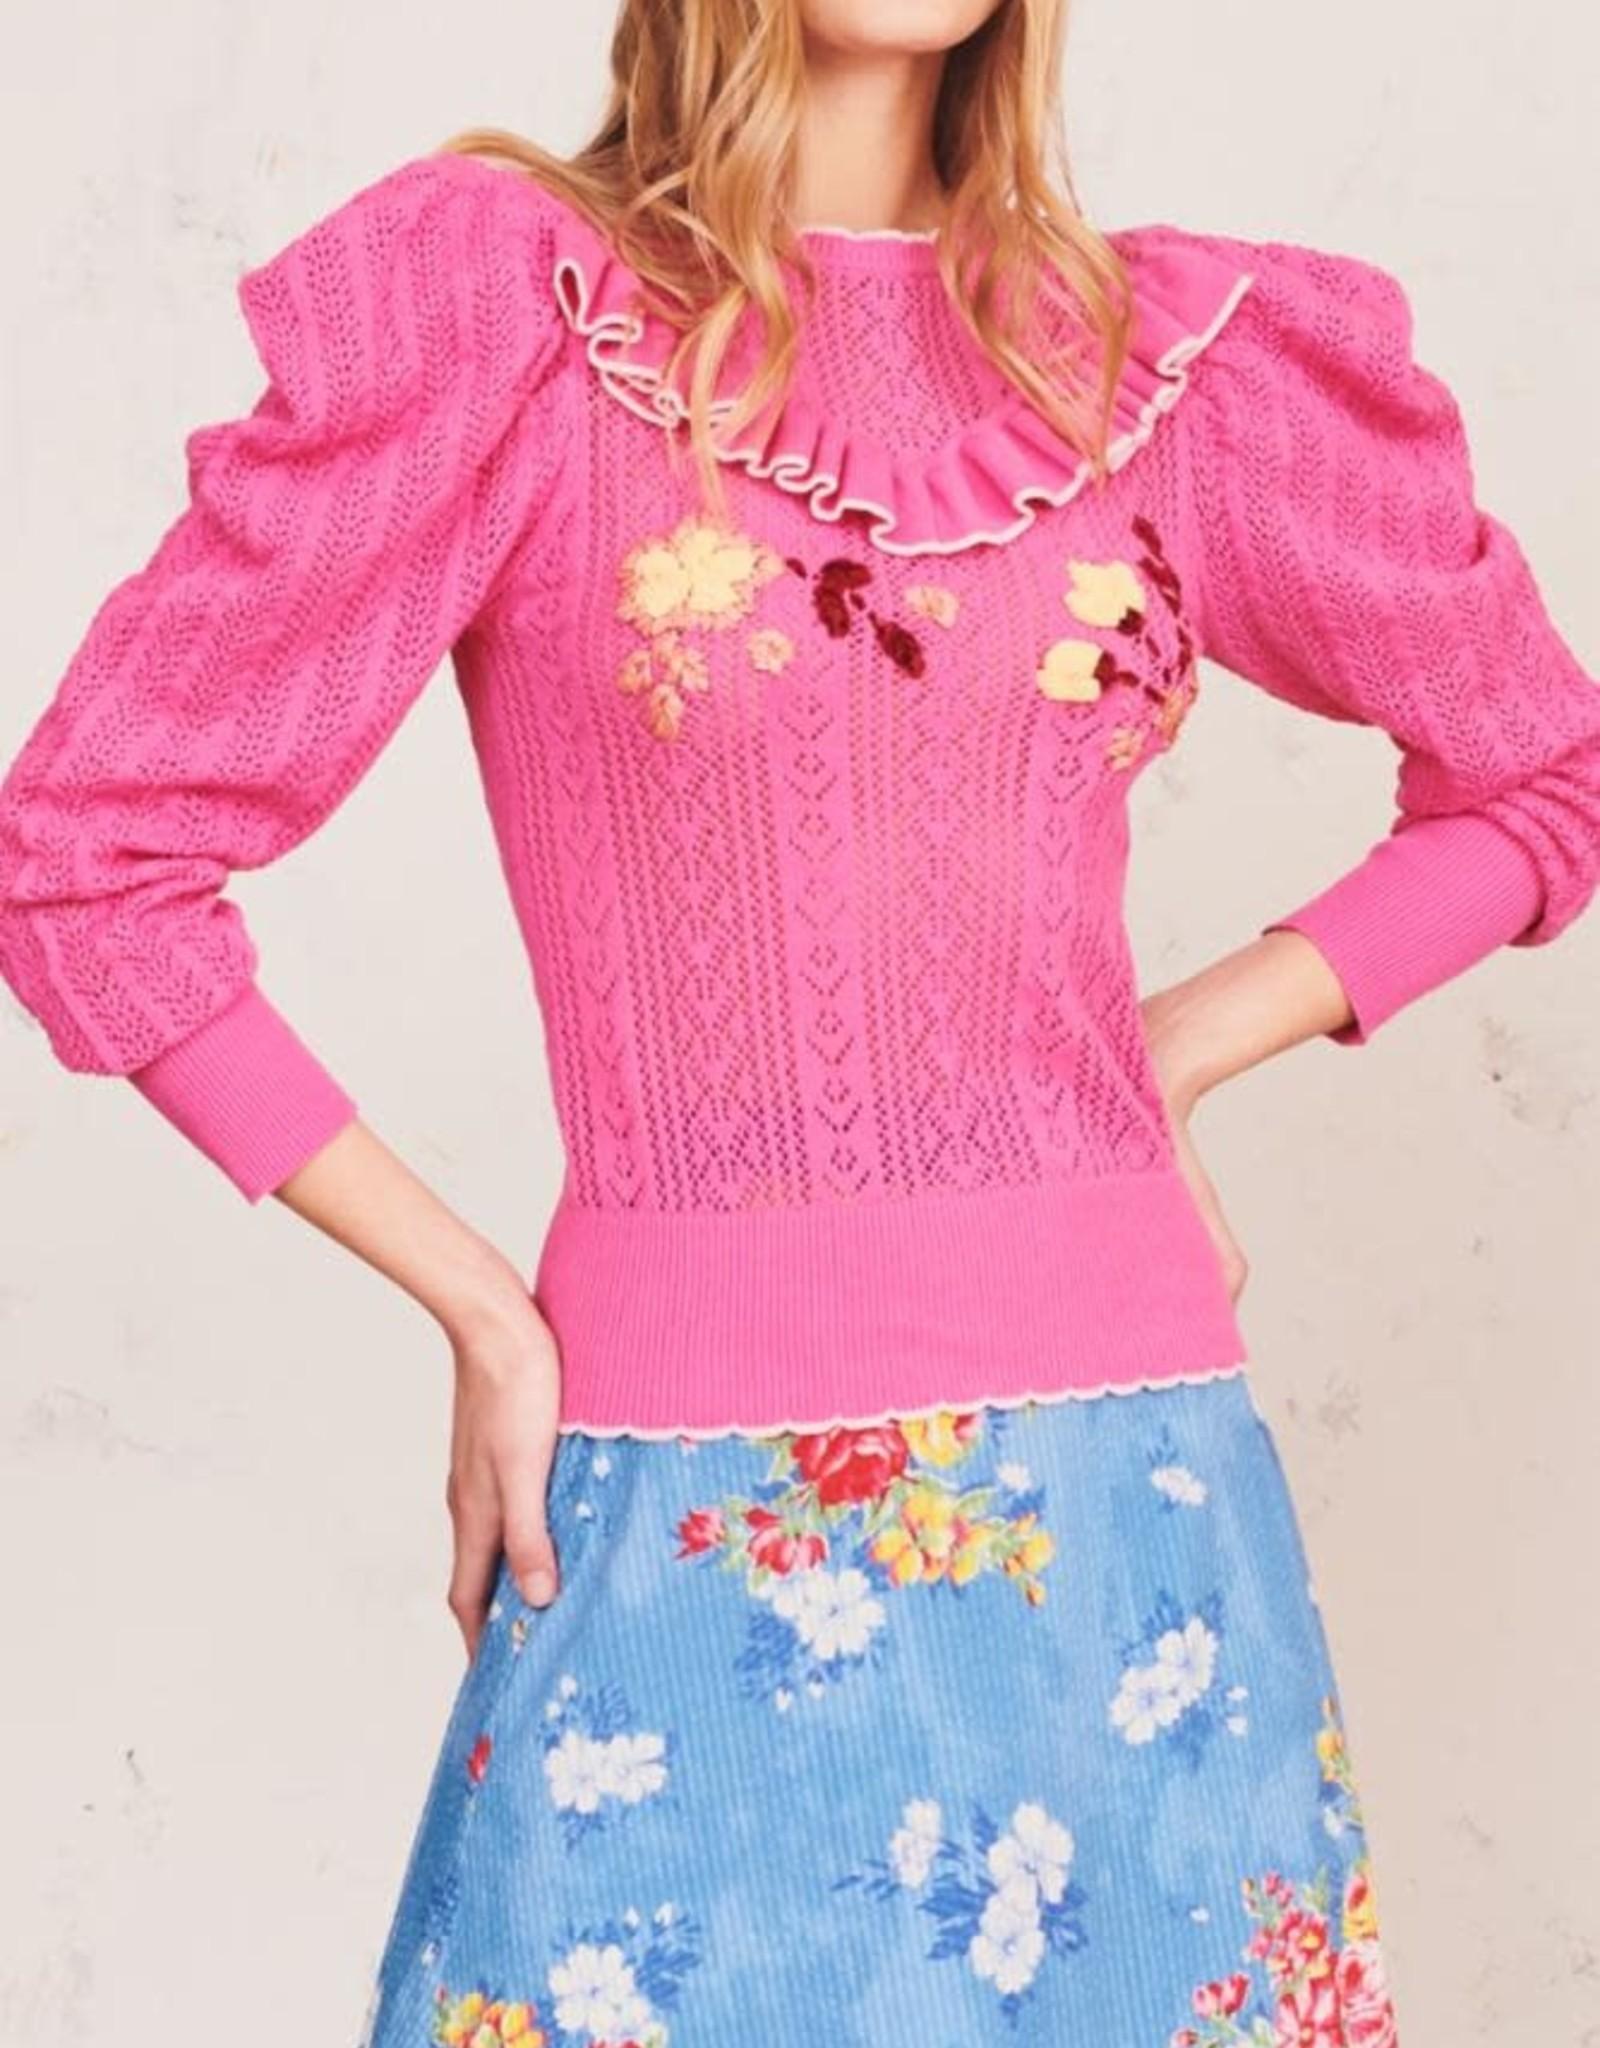 LoveShackFancy Rennley Sweater